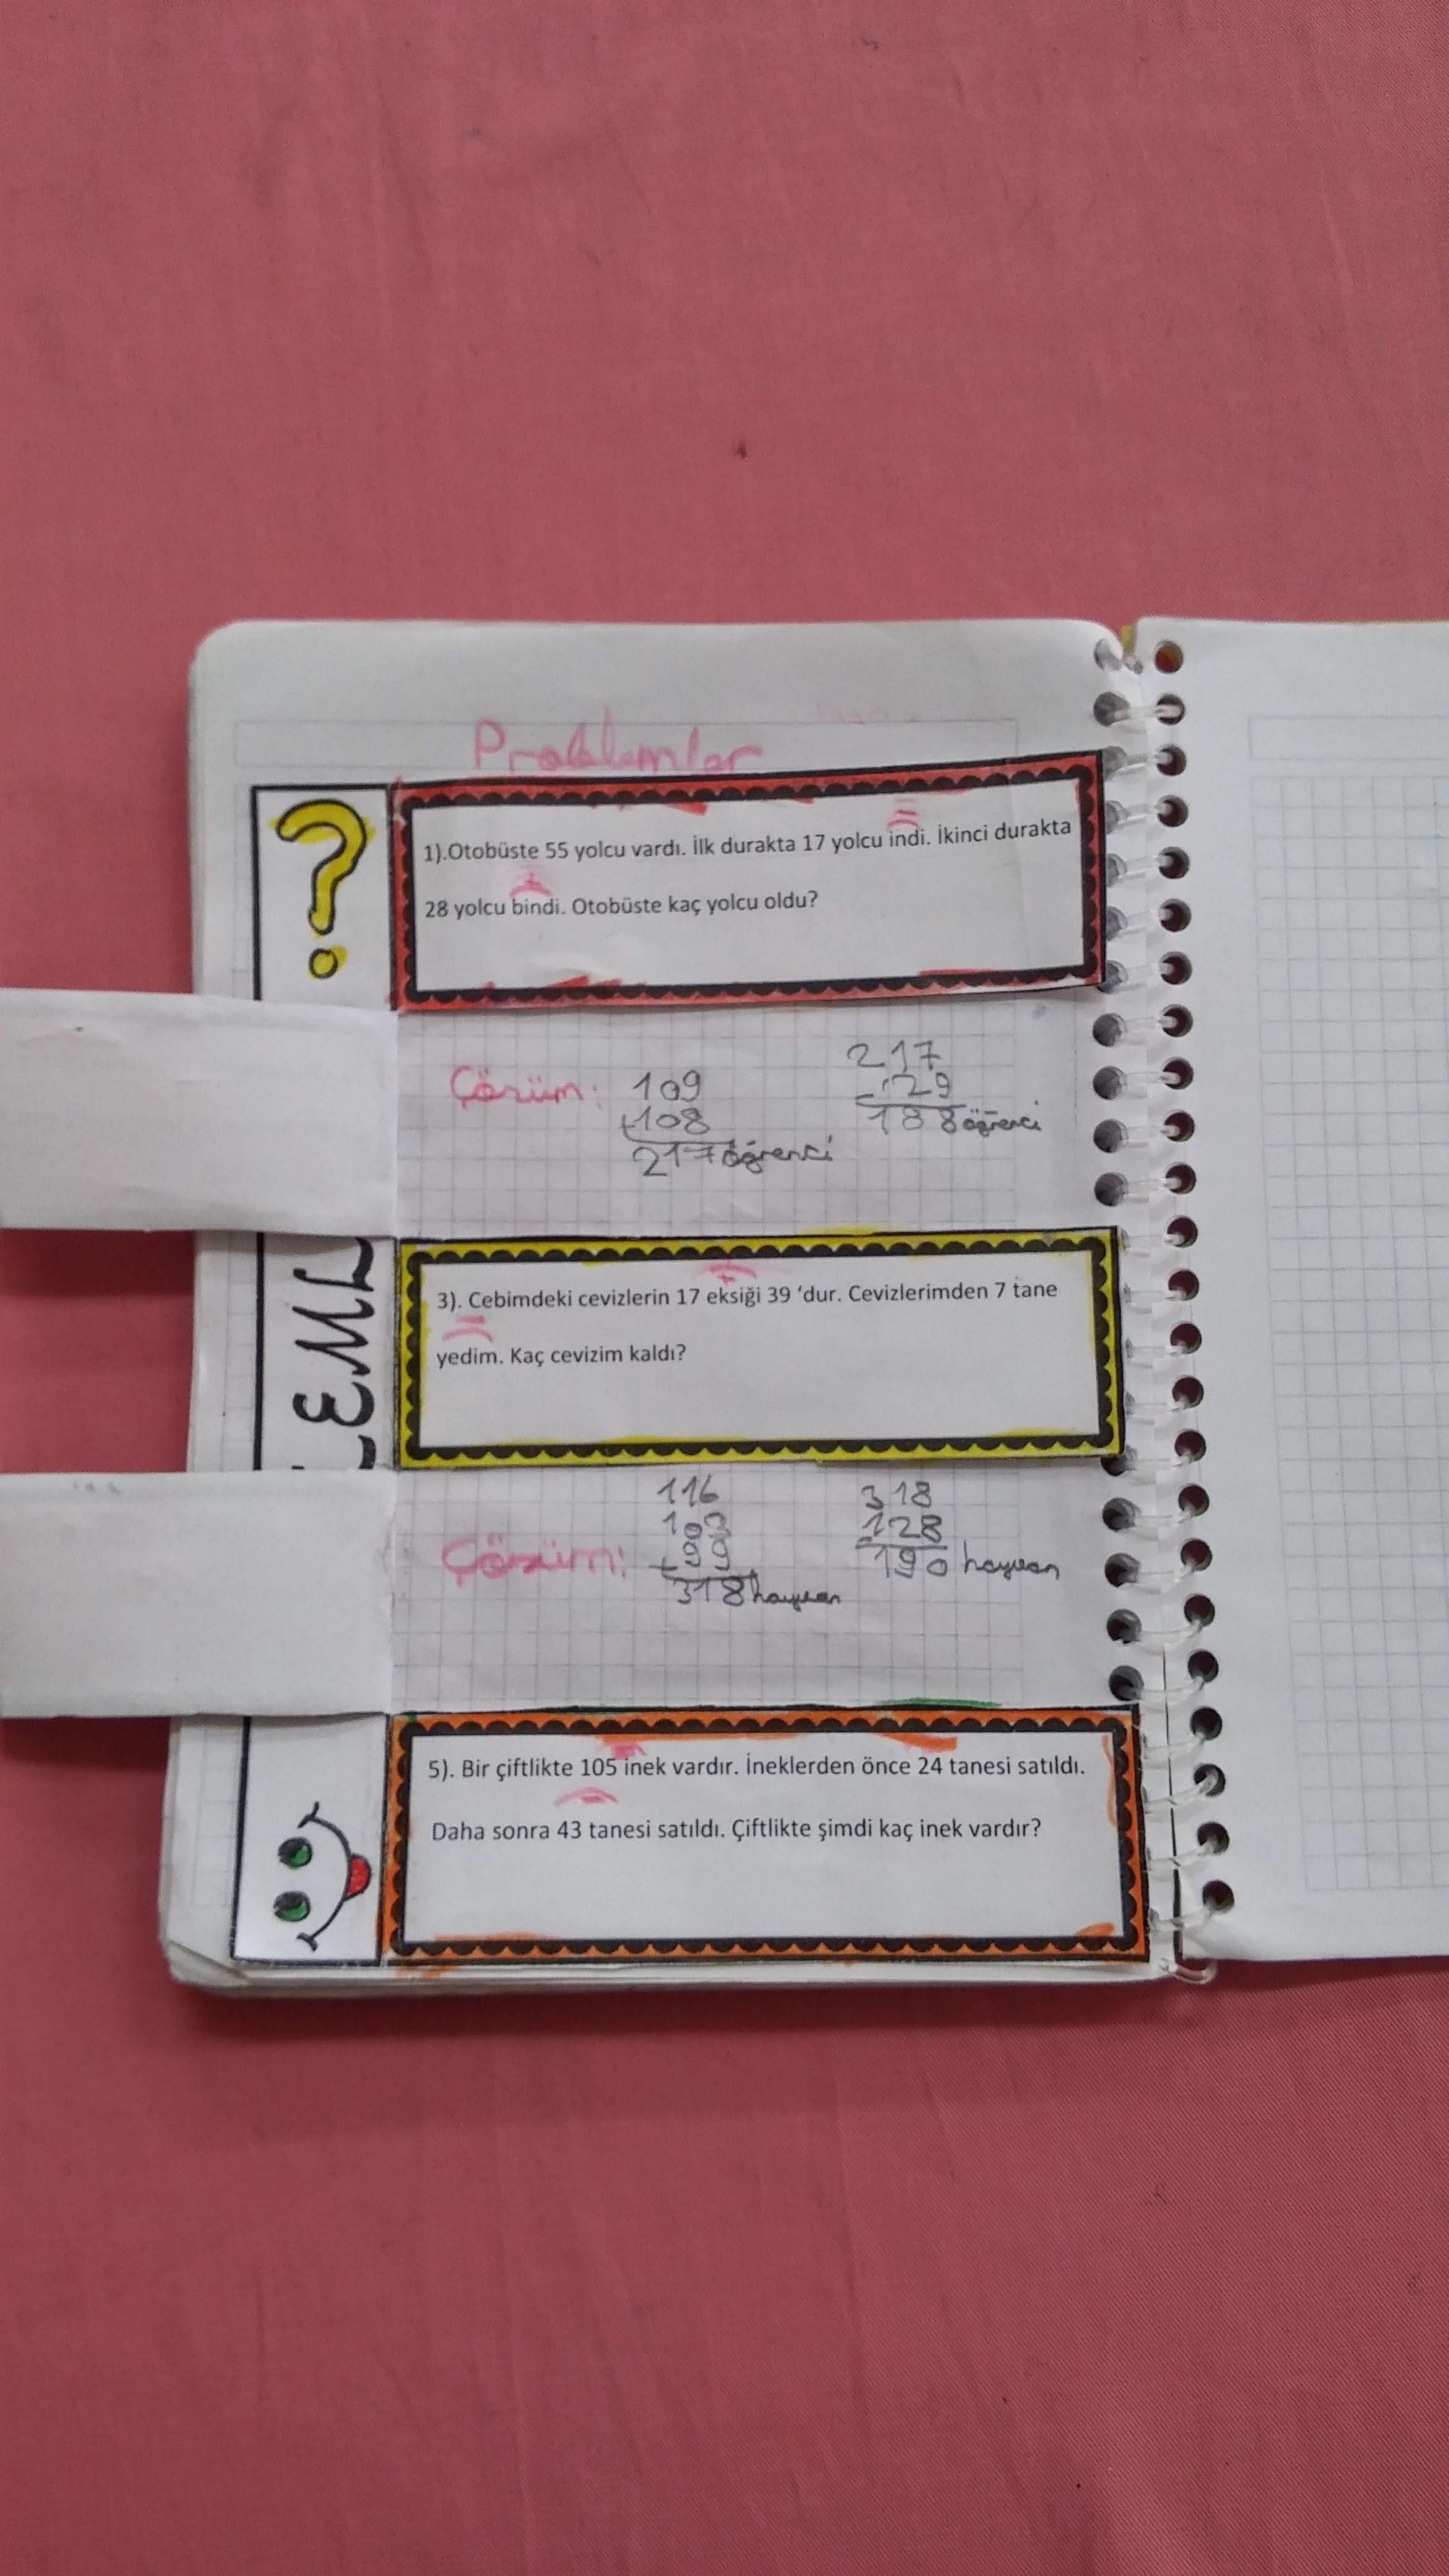 İnteraktif Defter Çalışması - Matematik Problem Çözüyorum ...